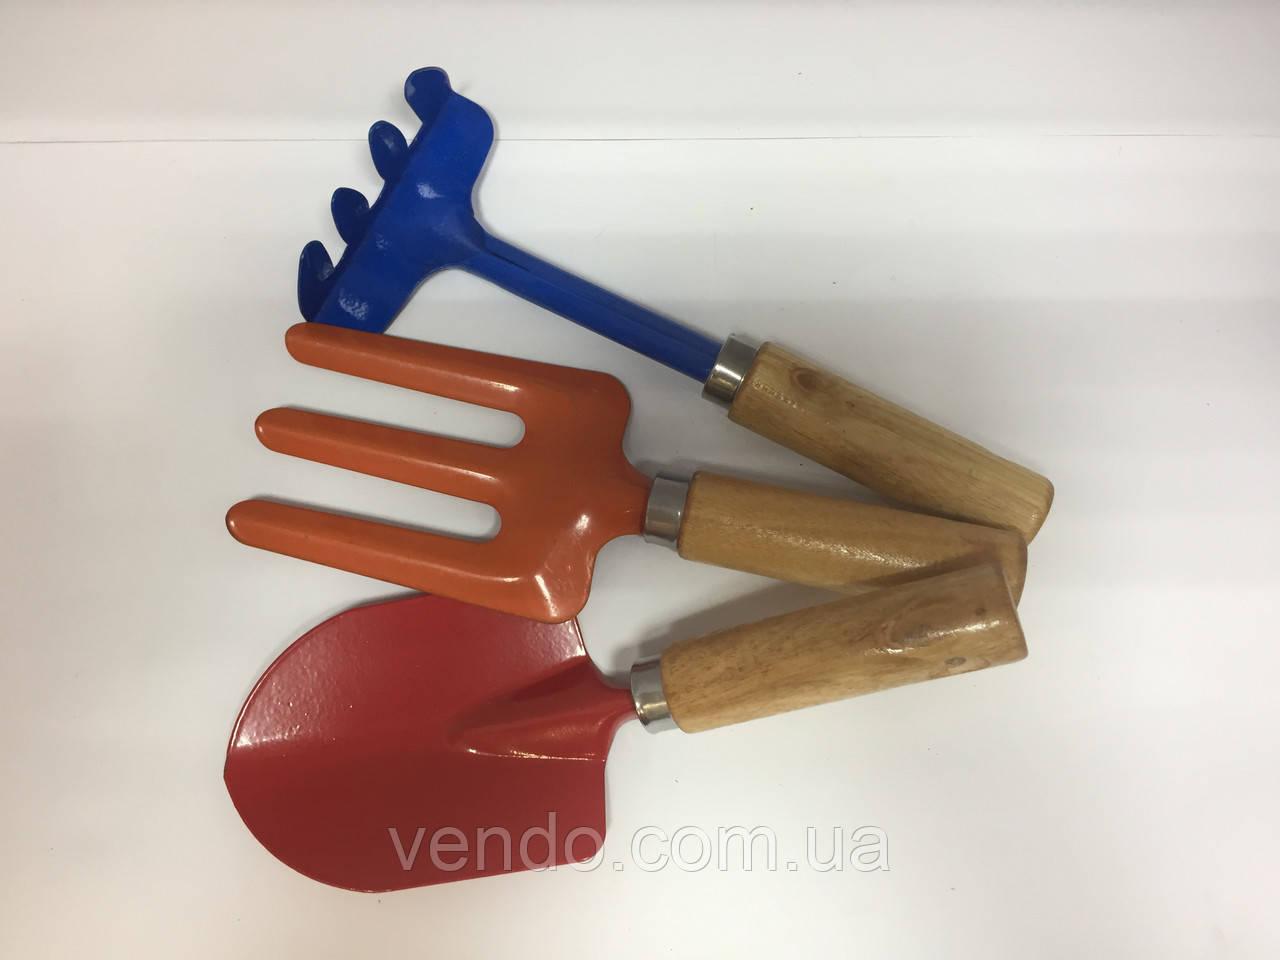 Набор цветных садовых инструментов с деревянными ручками (3 предмета)